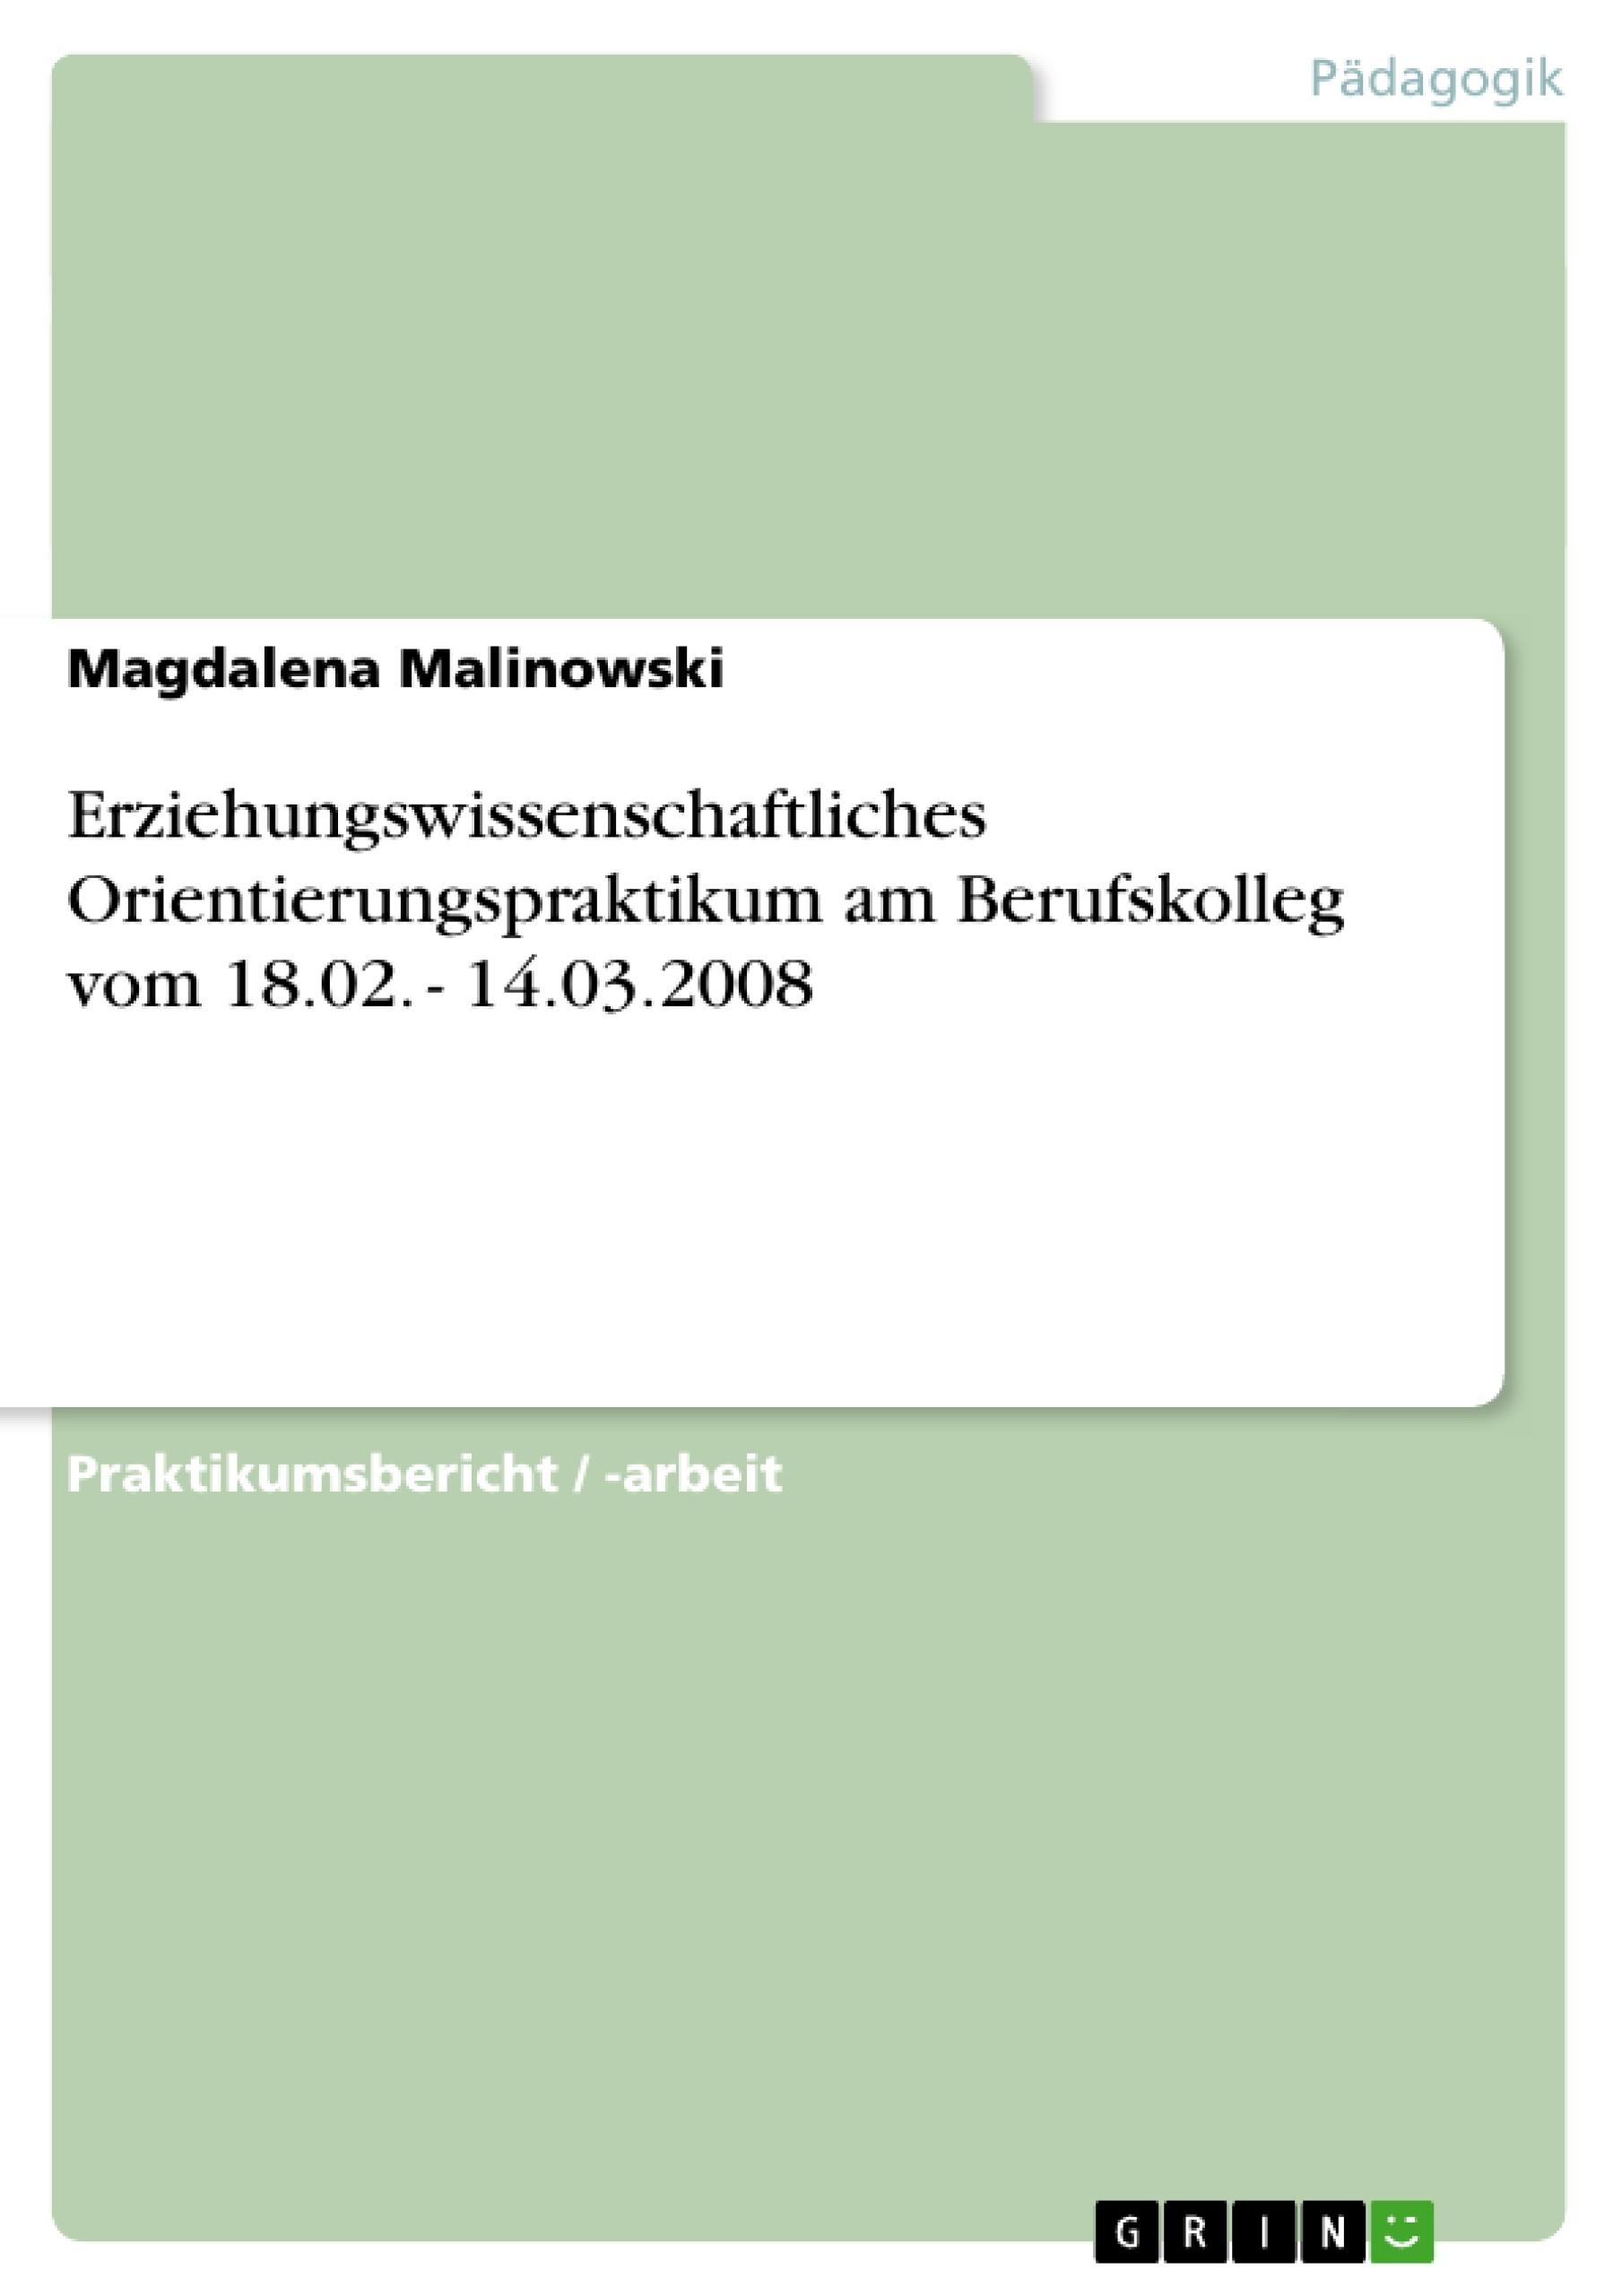 Titel: Erziehungswissenschaftliches Orientierungspraktikum am Berufskolleg vom 18.02. - 14.03.2008